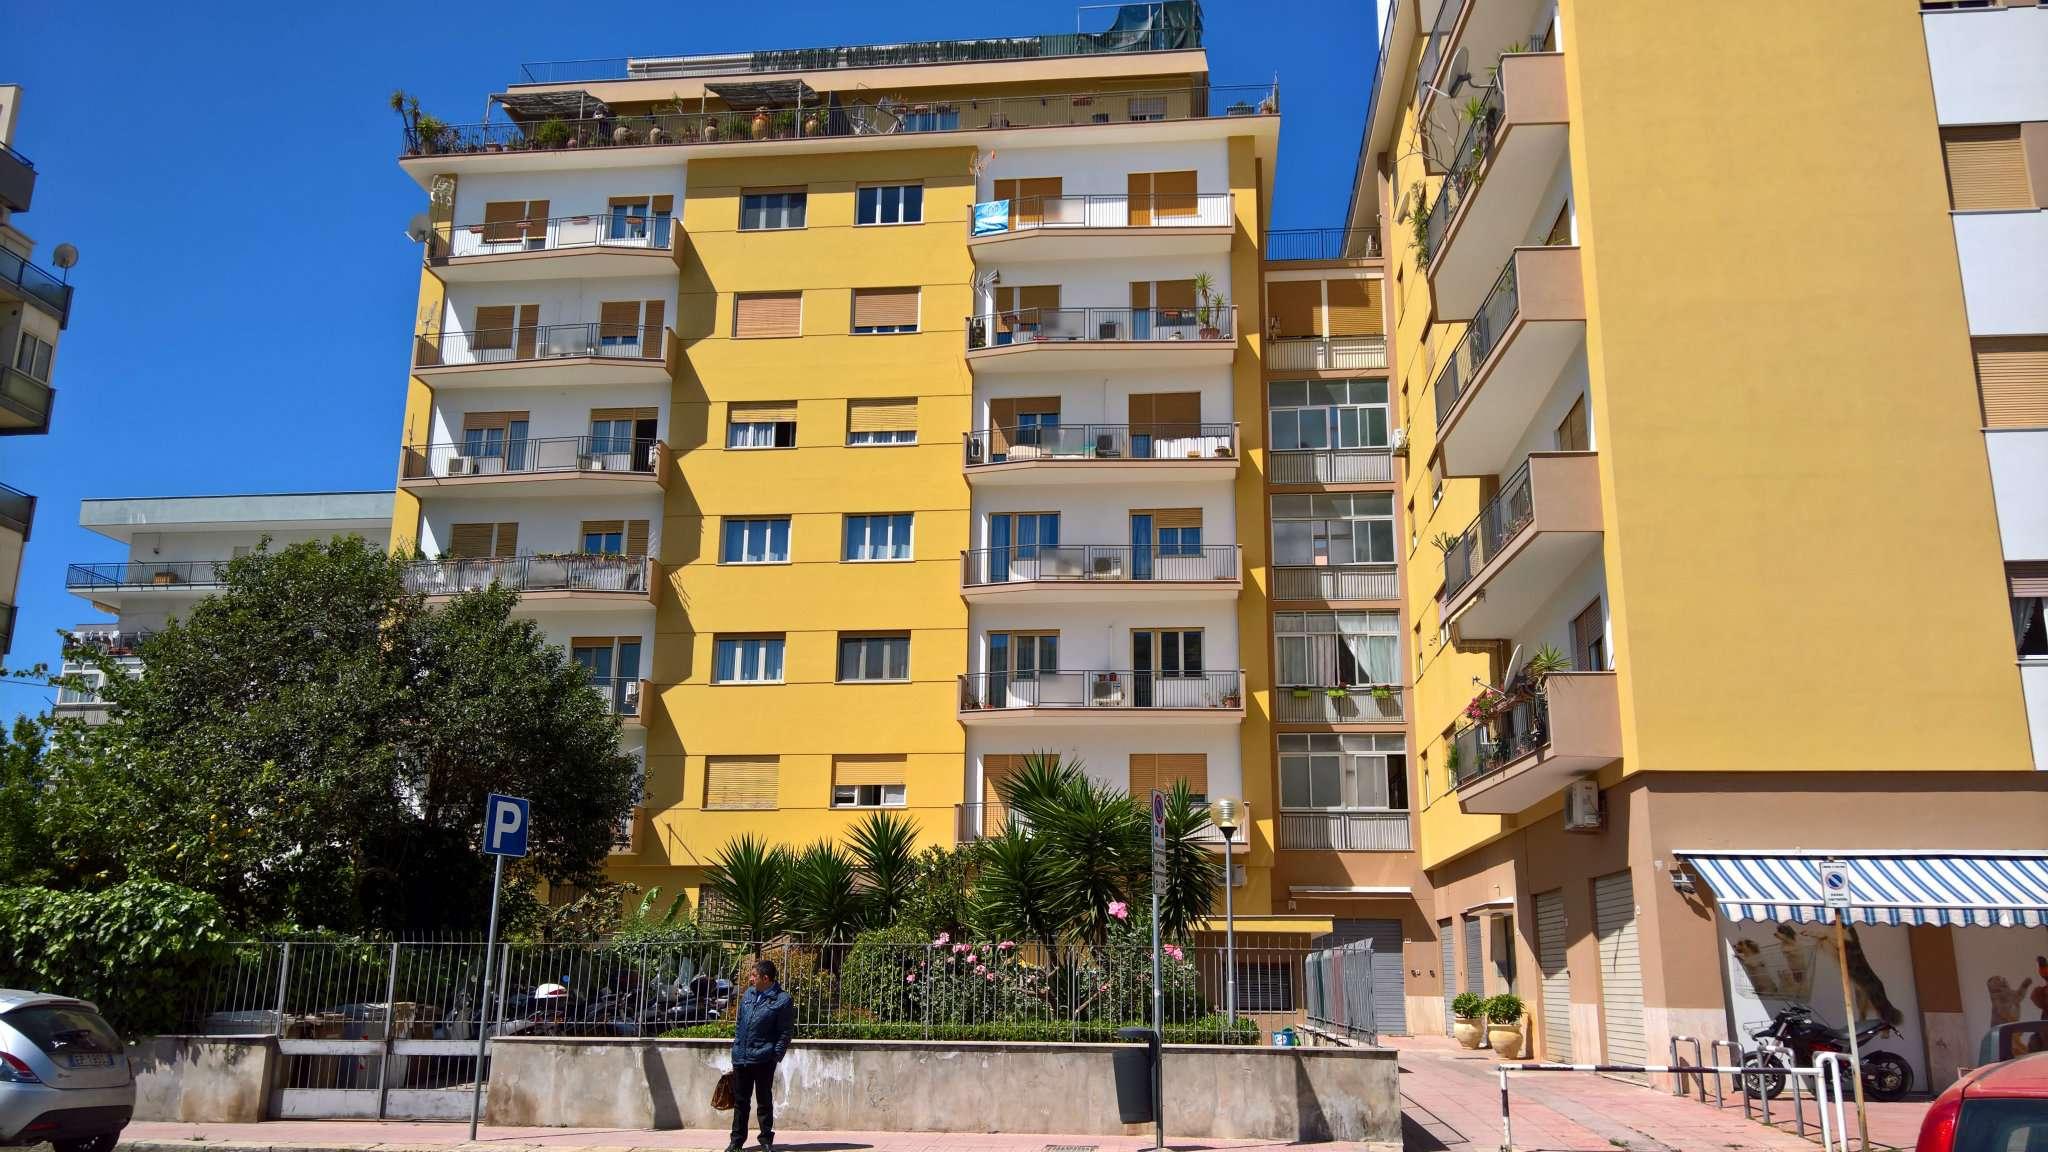 Magazzino in Vendita a Palermo: 1 locali, 45 mq